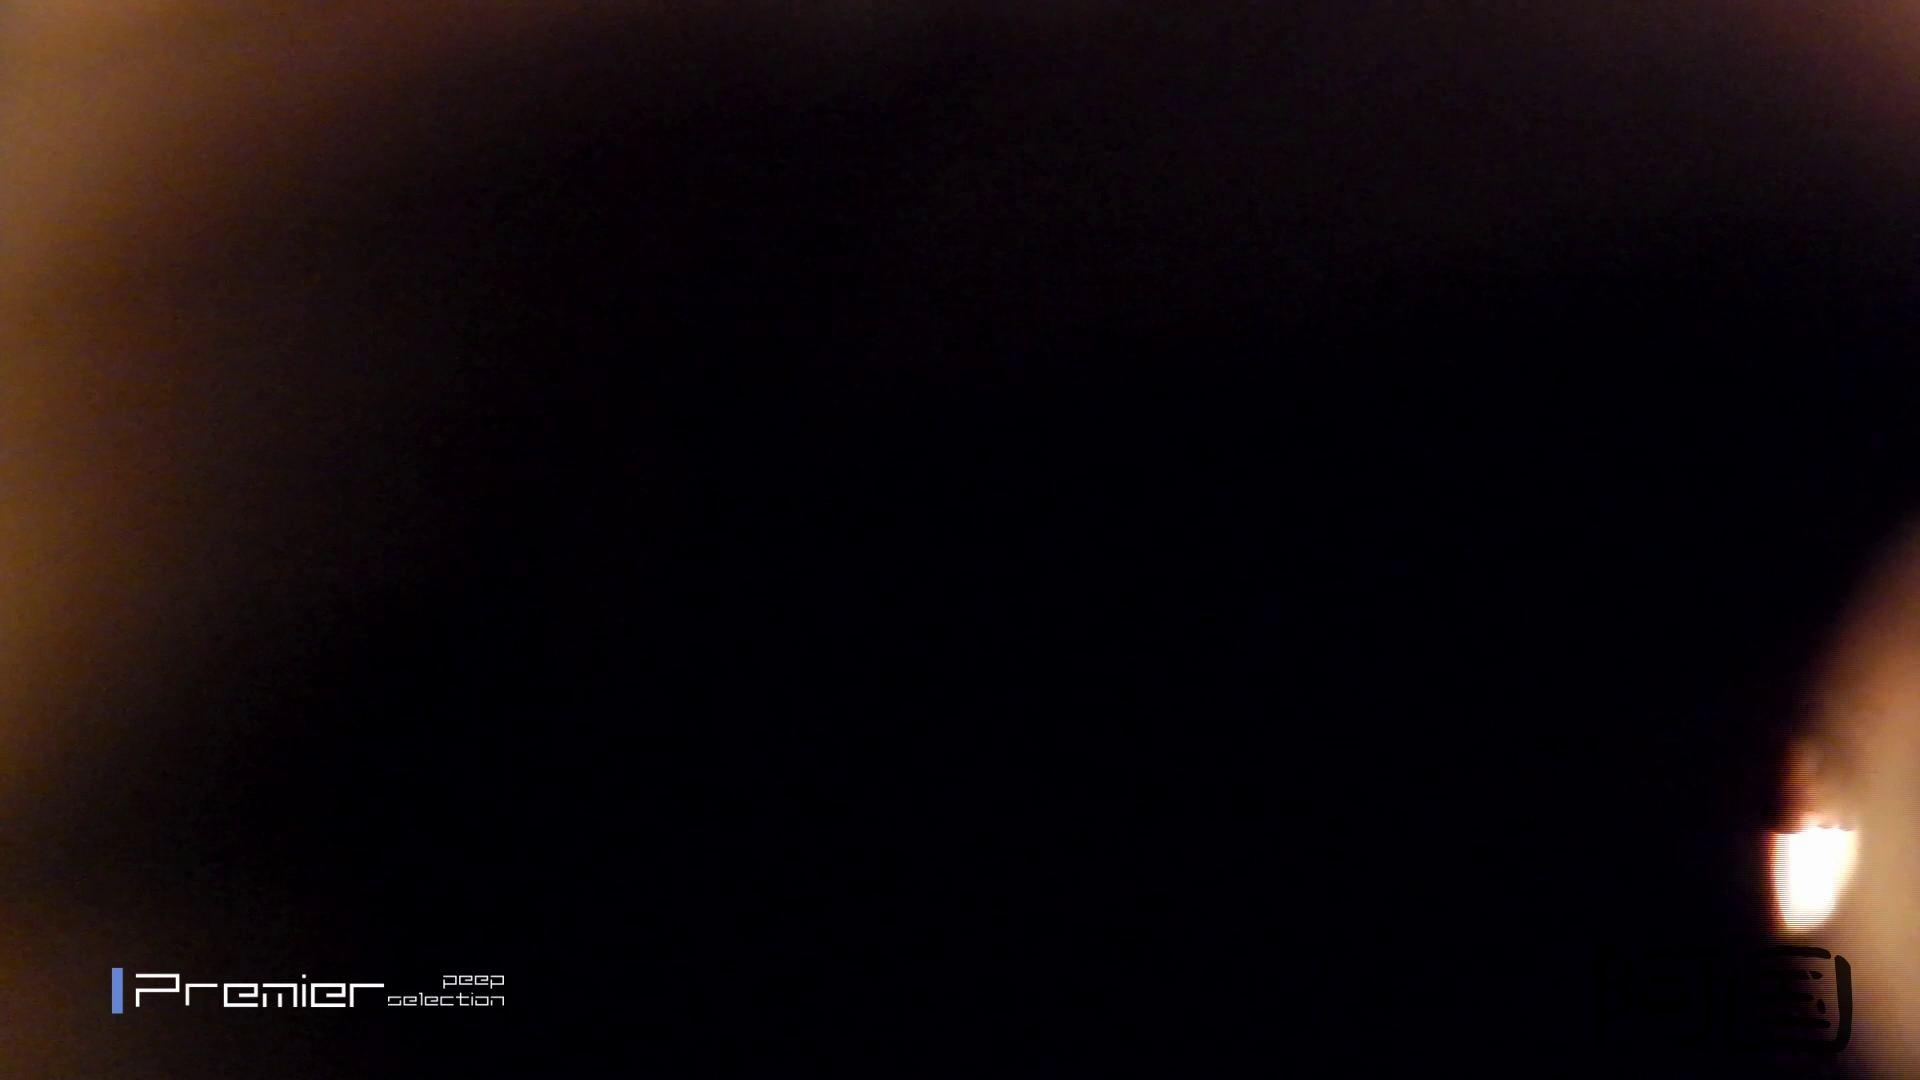 和式洋式七変化 Vol.34 最終作、 シリーズ最高の美人登場 丸見えマンコ   お姉さん  68画像 58